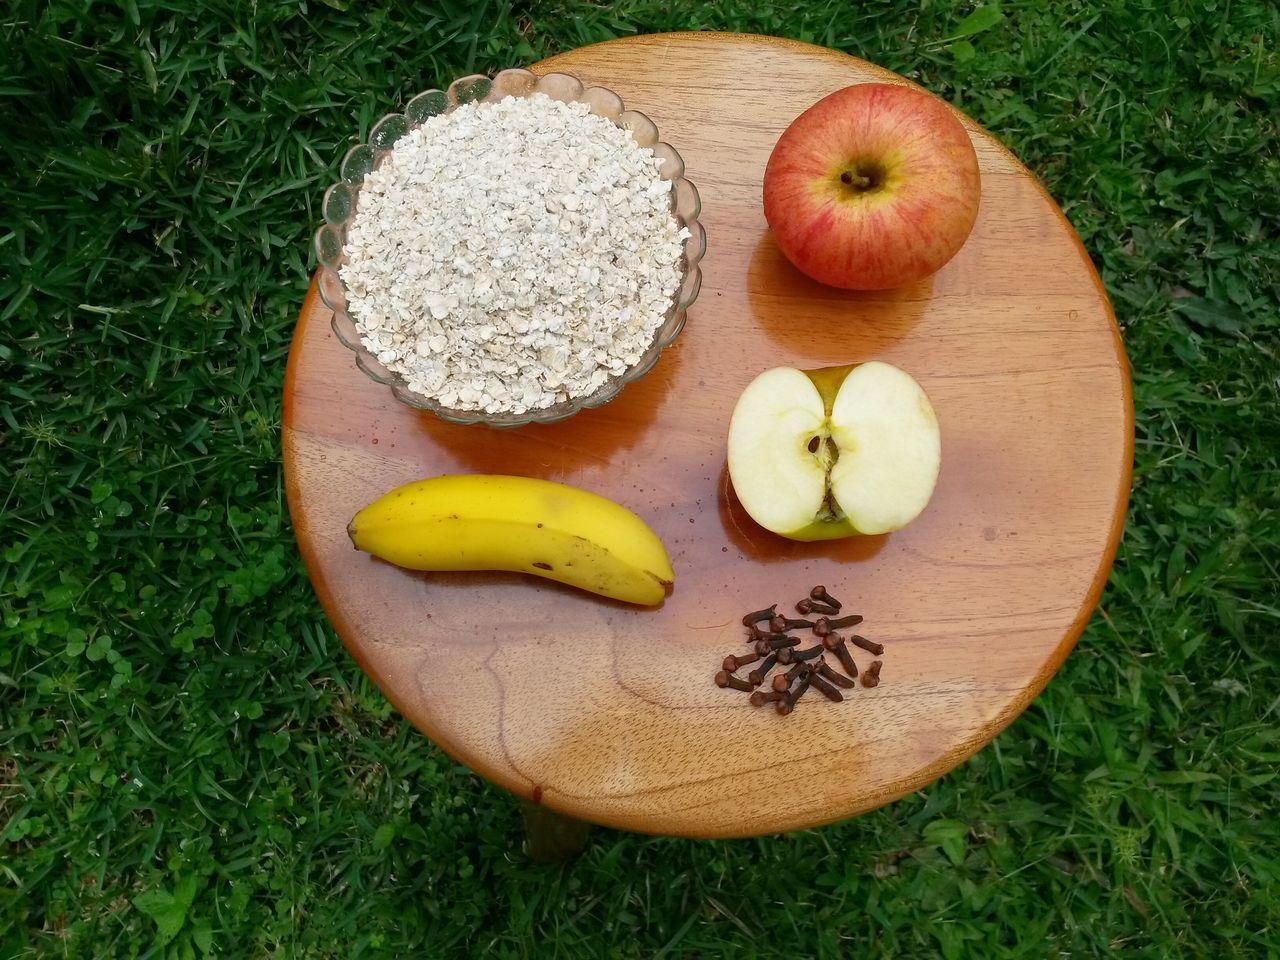 EyeEm Selects Fruits Apple Banana Oats Cloves Healthy Food Avoine